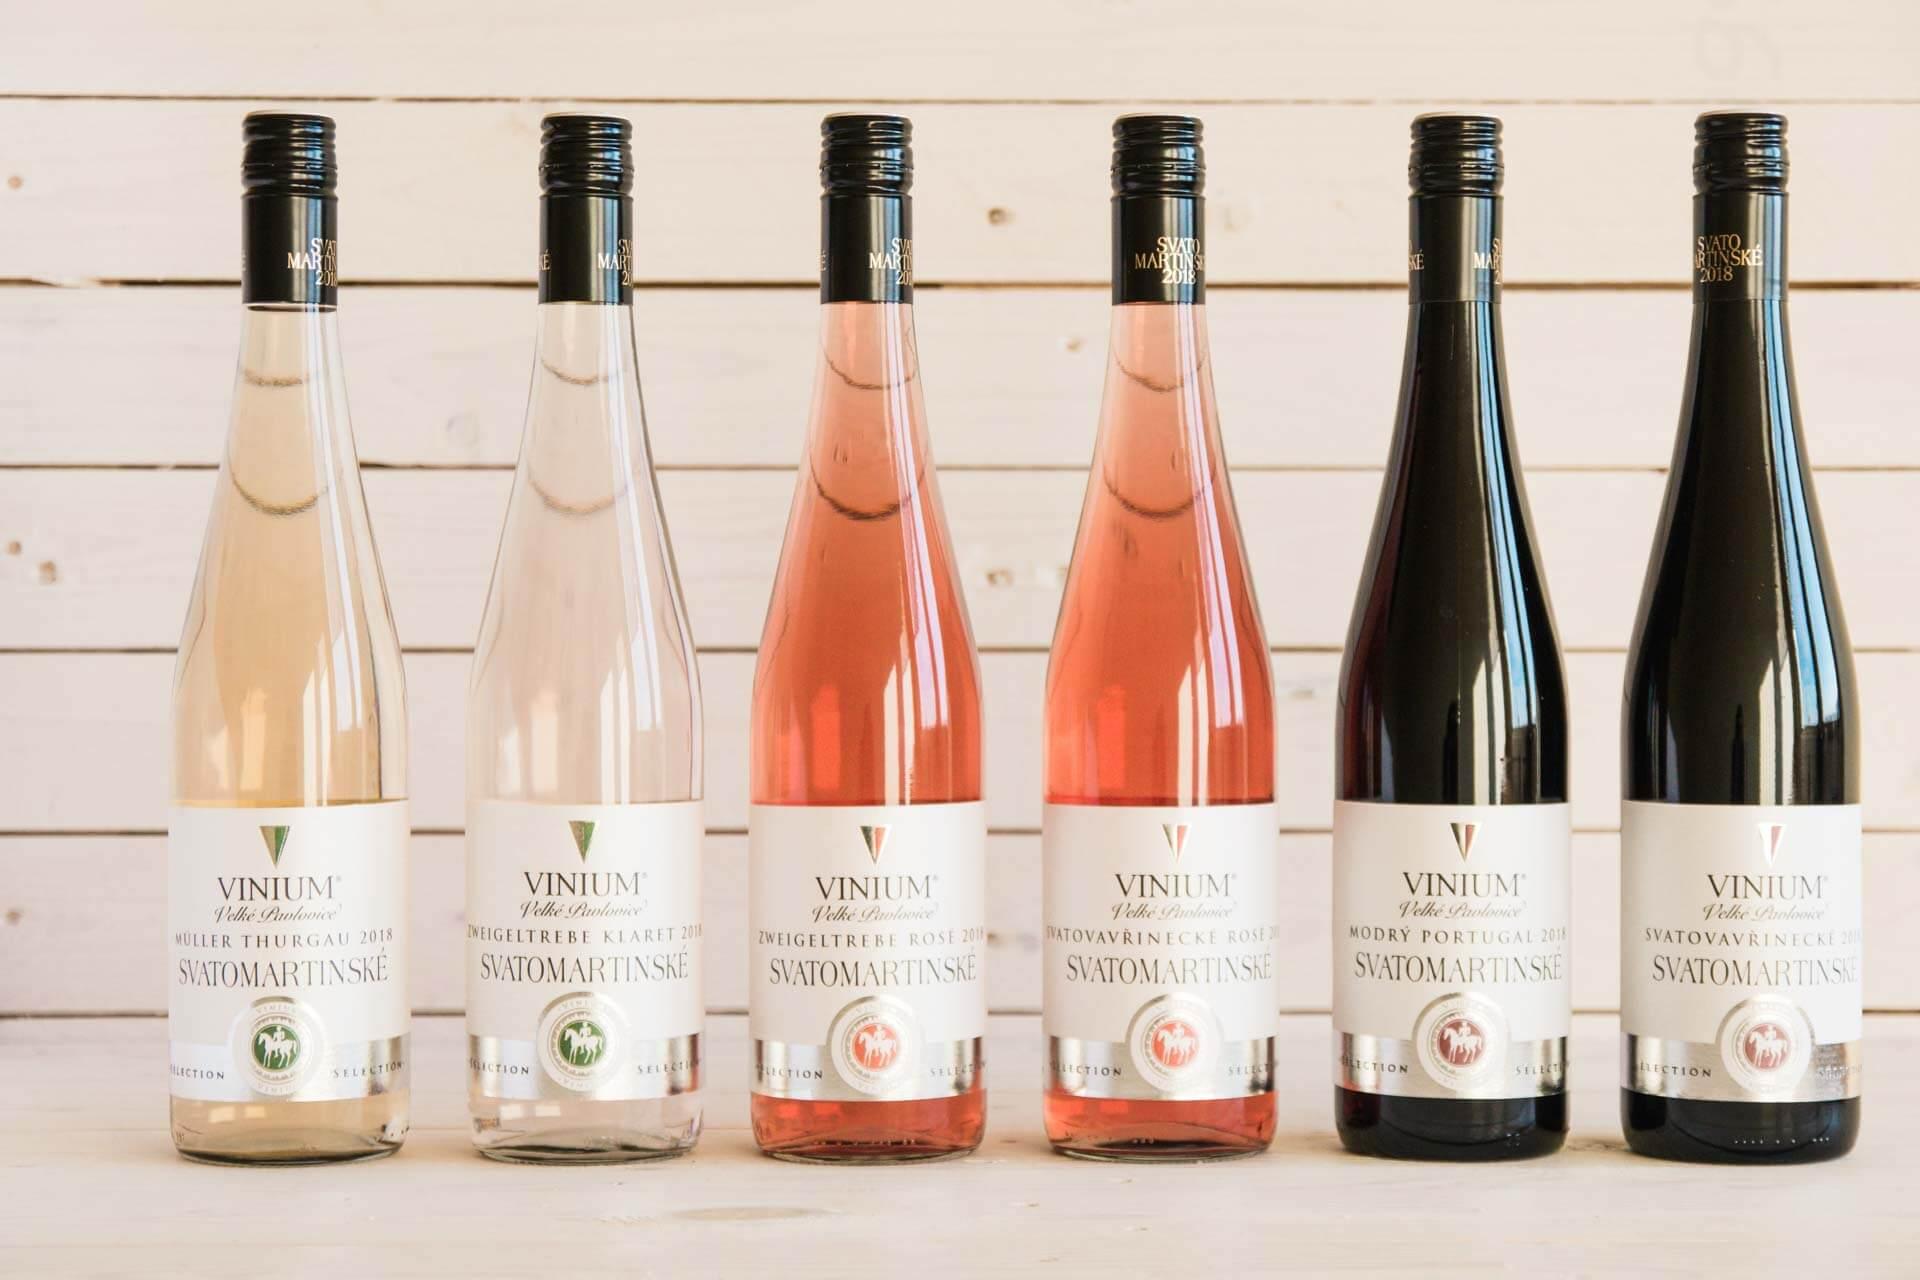 Foto ke článku 2, Svatomartinské víno, Müller Thurgau, Zweigeltrebe klaret, rosé, Svatovavřinecké, Modrý Portugal